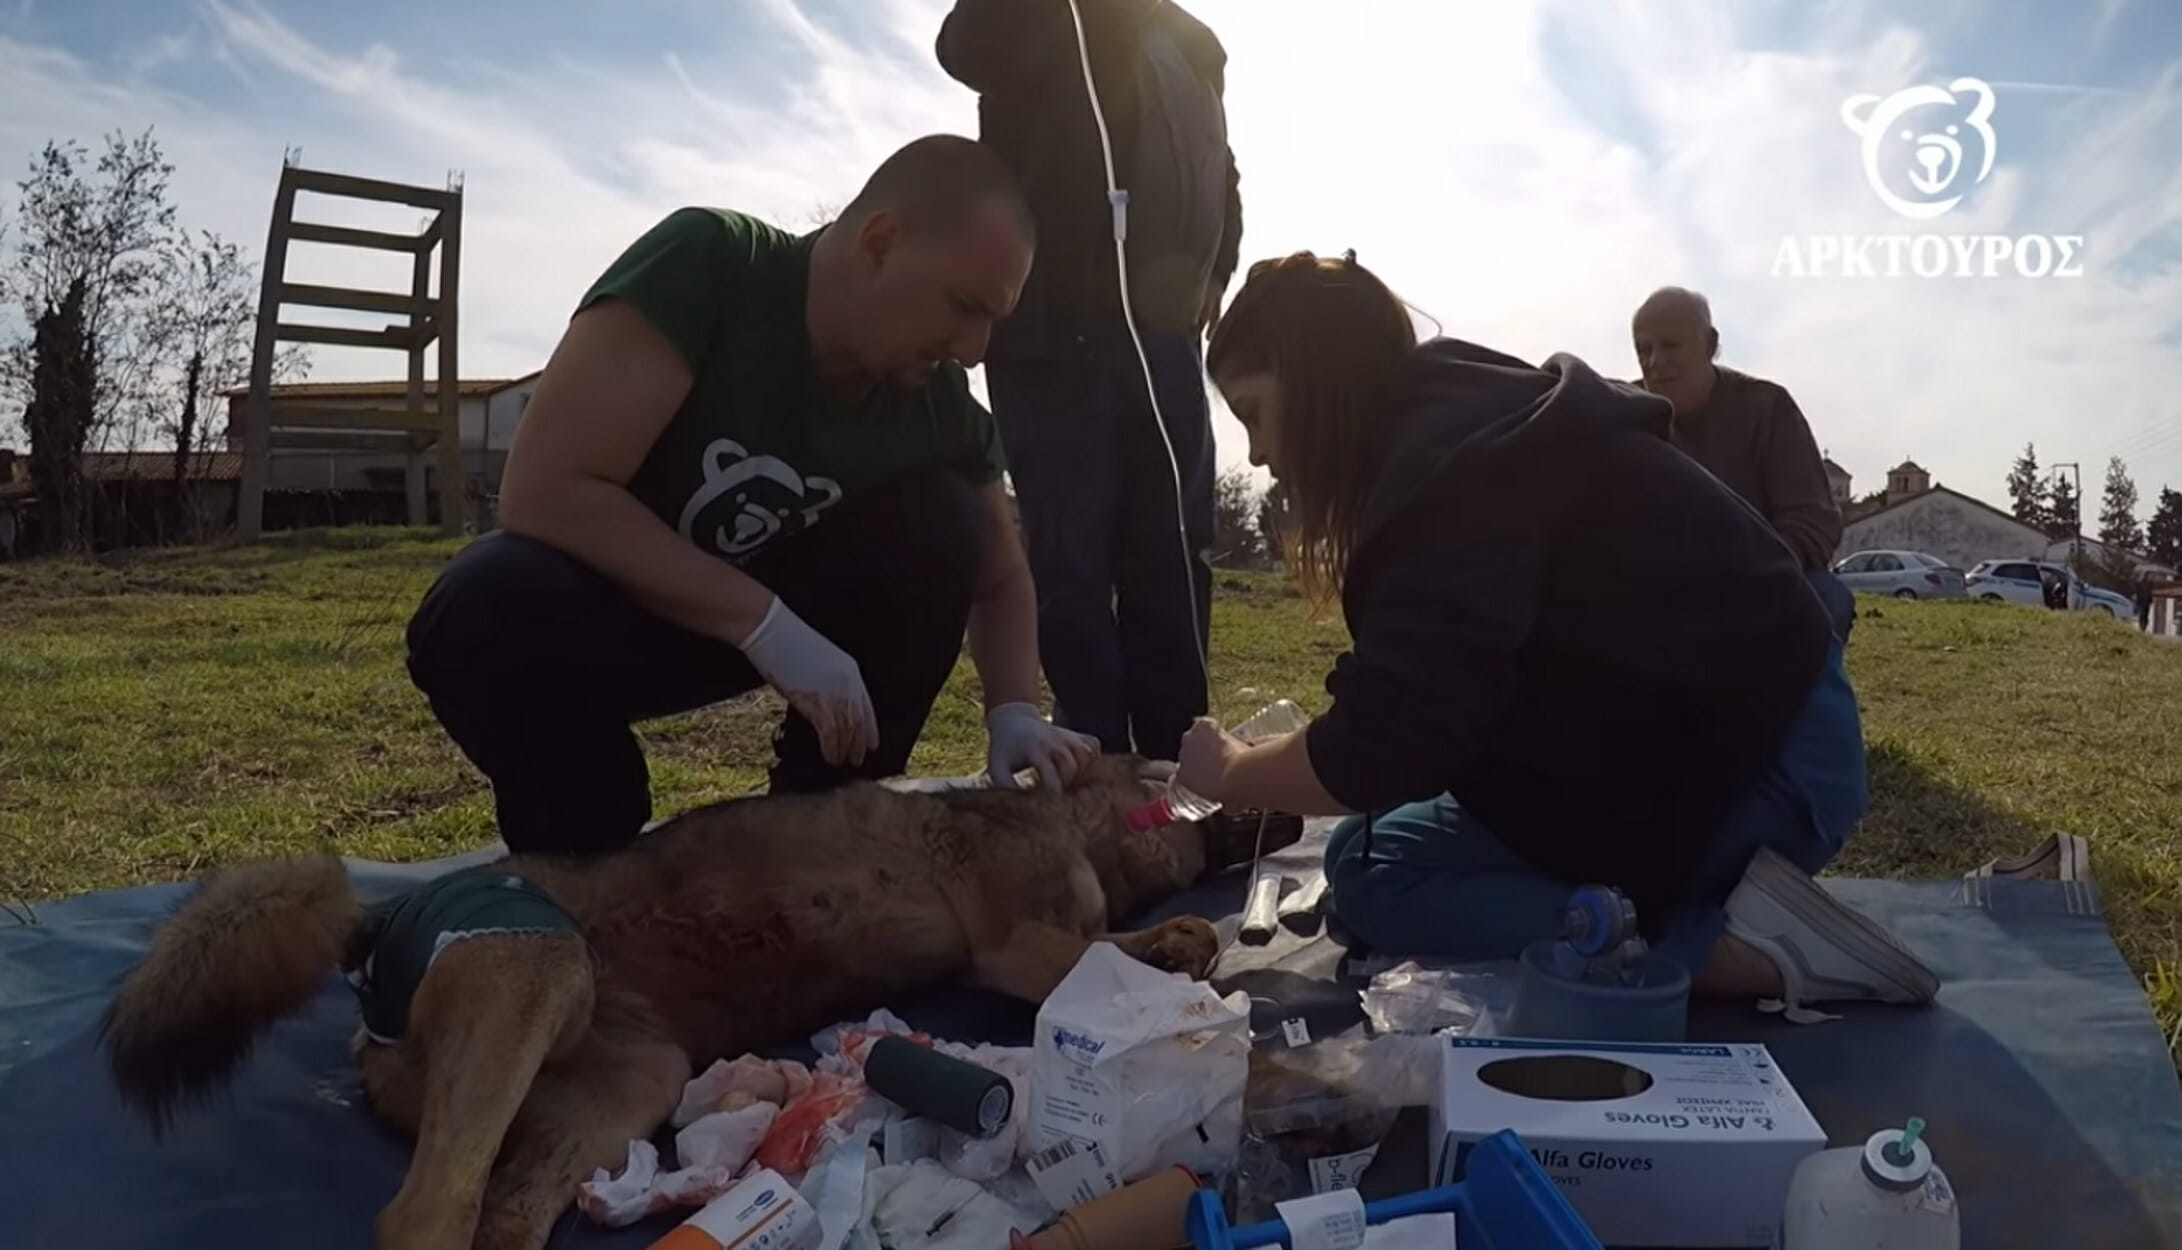 """Επιχείρηση απεγκλωβισμού της λύκαινας """"Ελισάβετ"""" που καρφώθηκε σε καγκελόπορτα! video"""